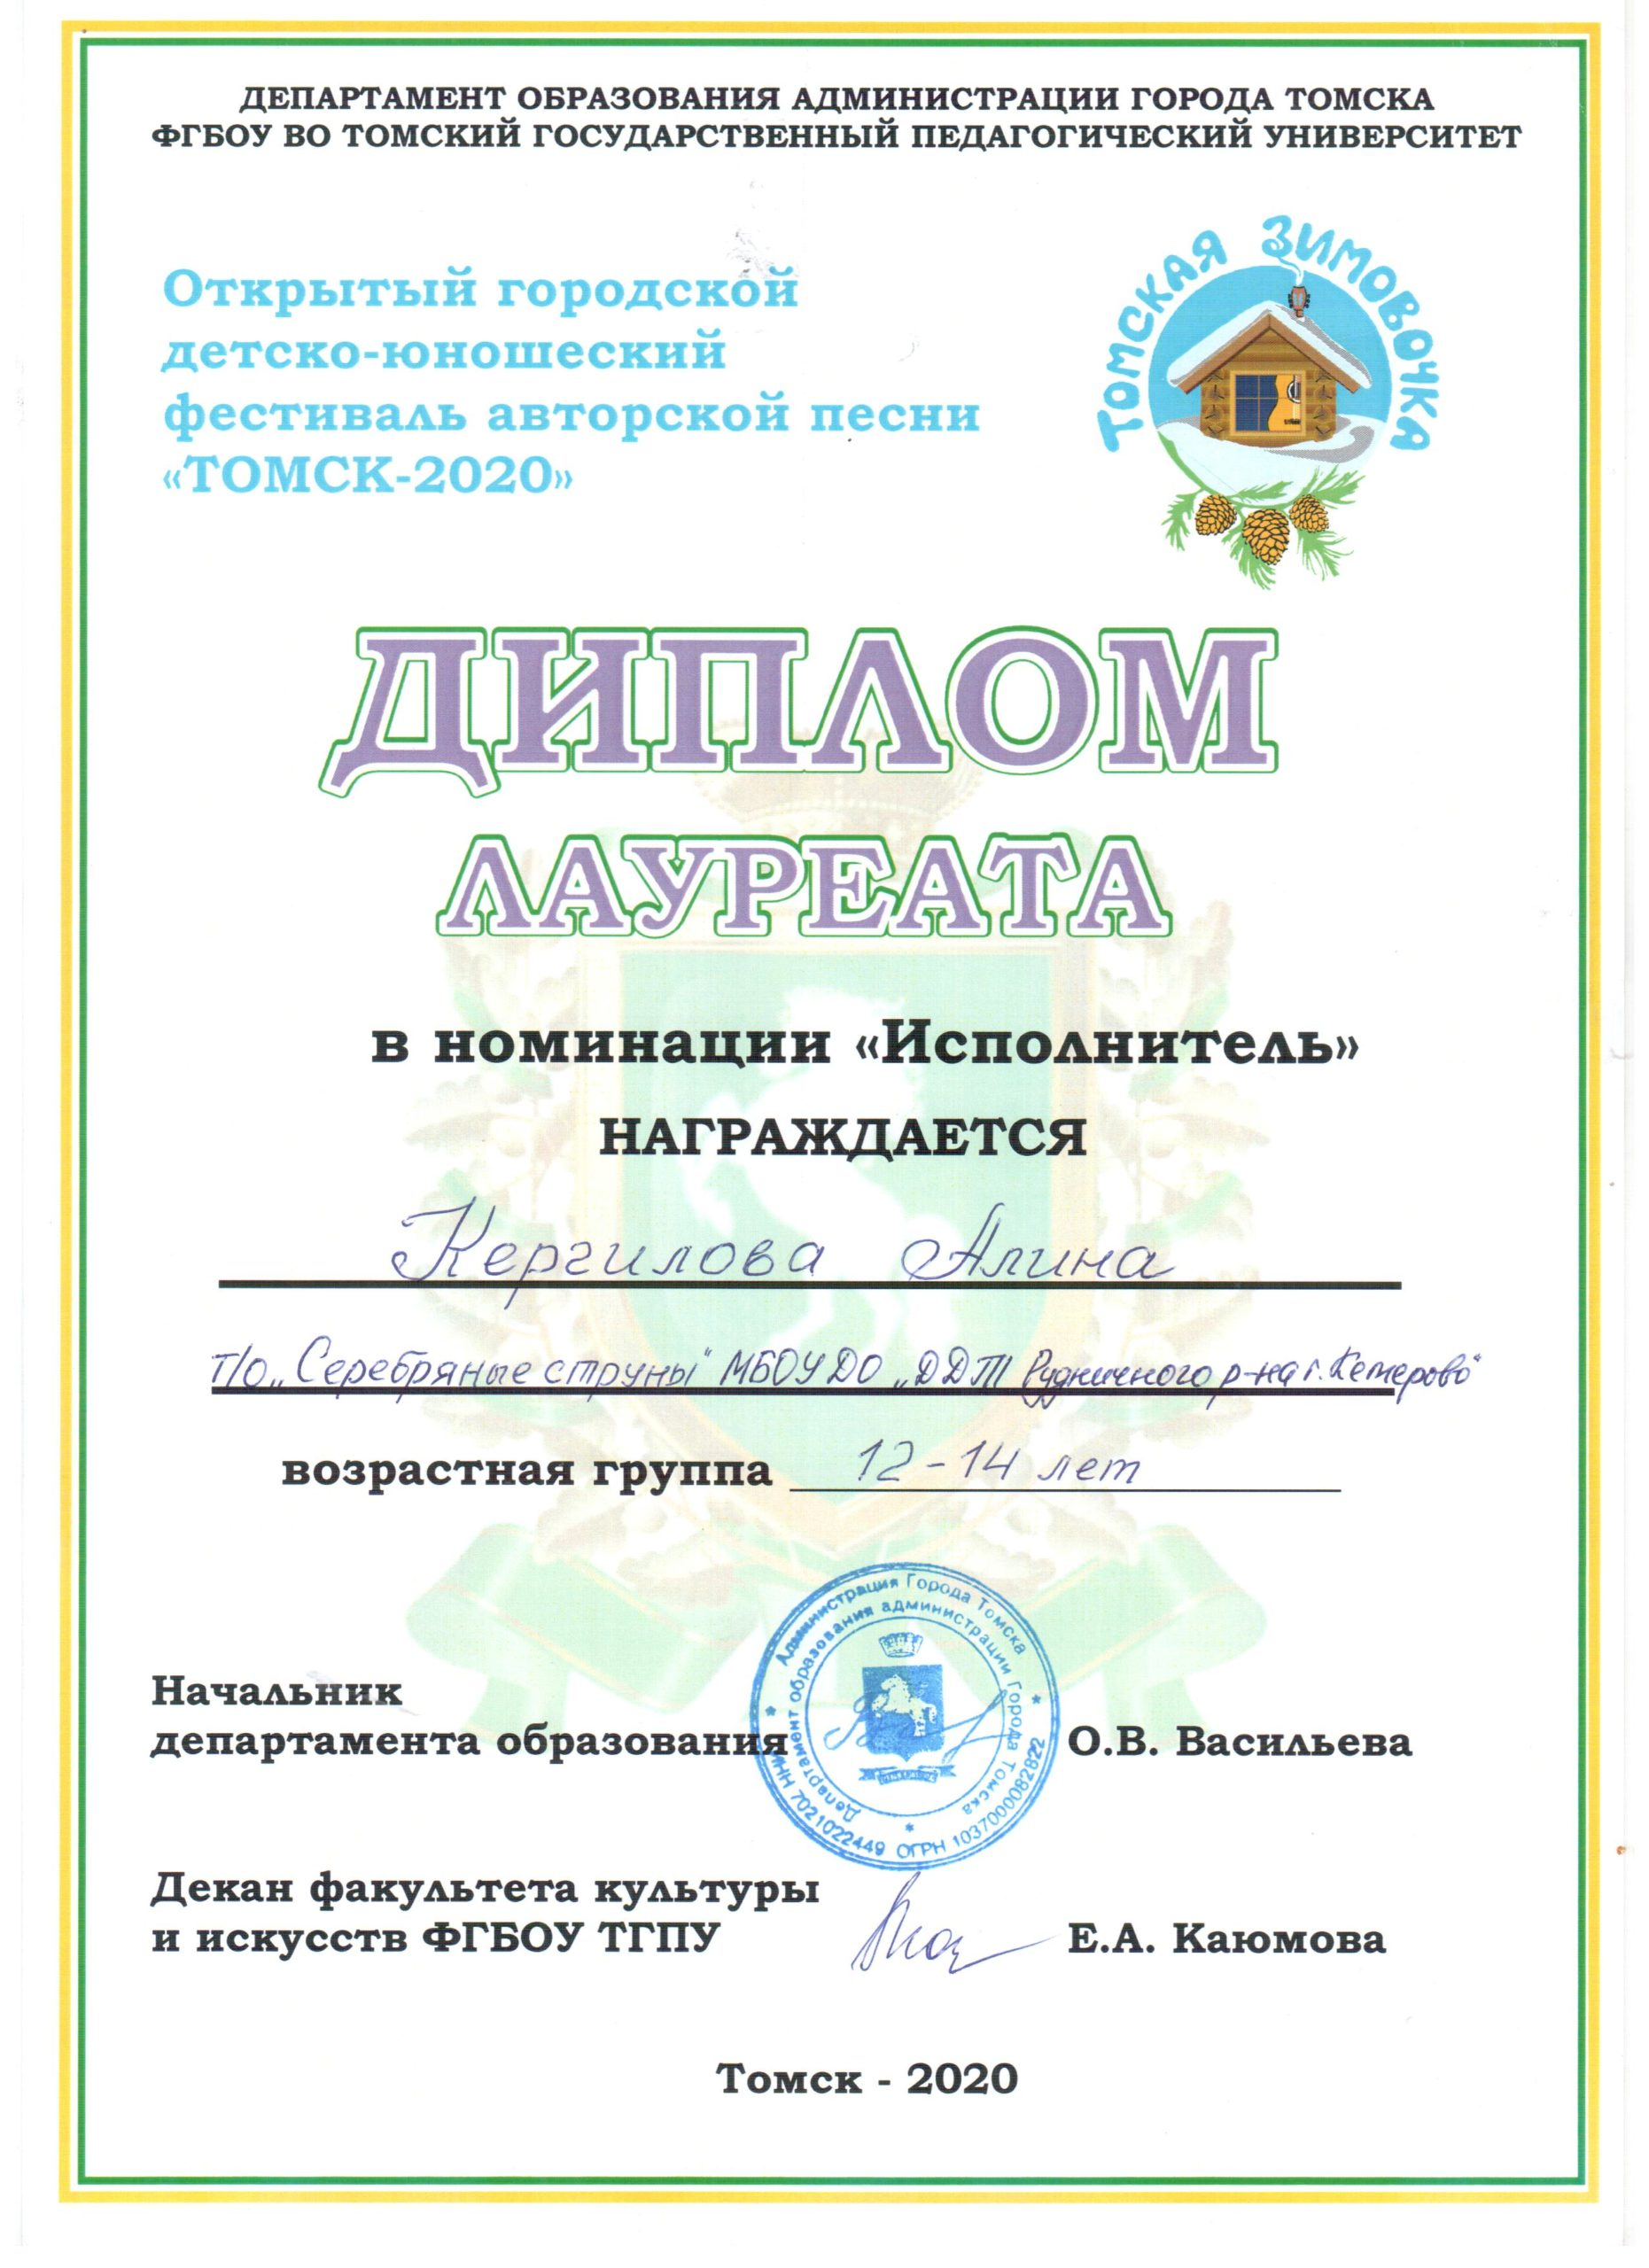 томск-2020 (2)